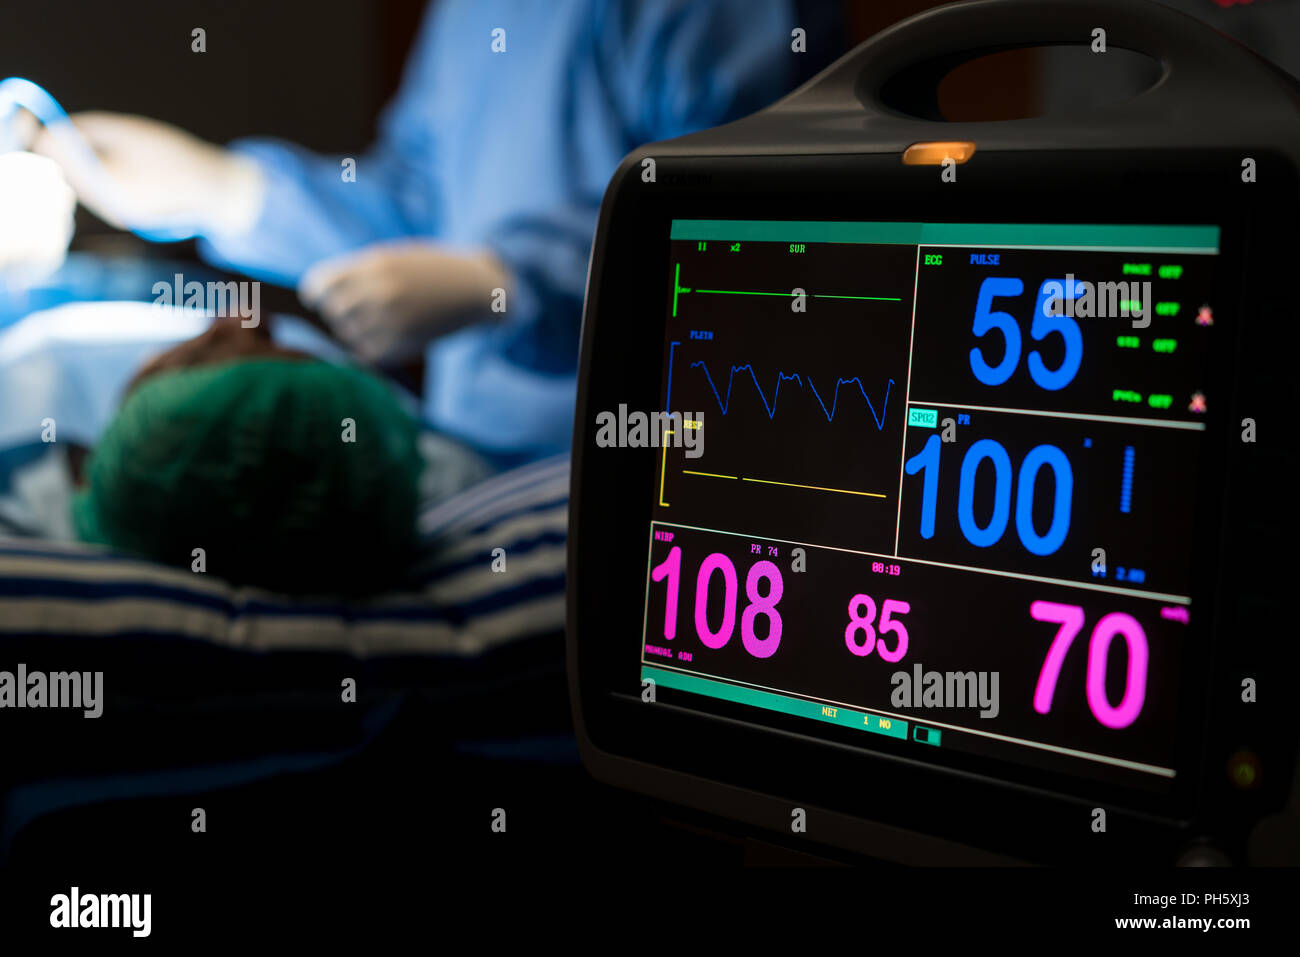 Dans la chirurgie de l'hôpital d'électrocardiogramme à l'urgence d'exploitation montrant la fréquence cardiaque du patient avec l'équipe de chirurgiens de flou en arrière-plan. Santé et medicin Photo Stock